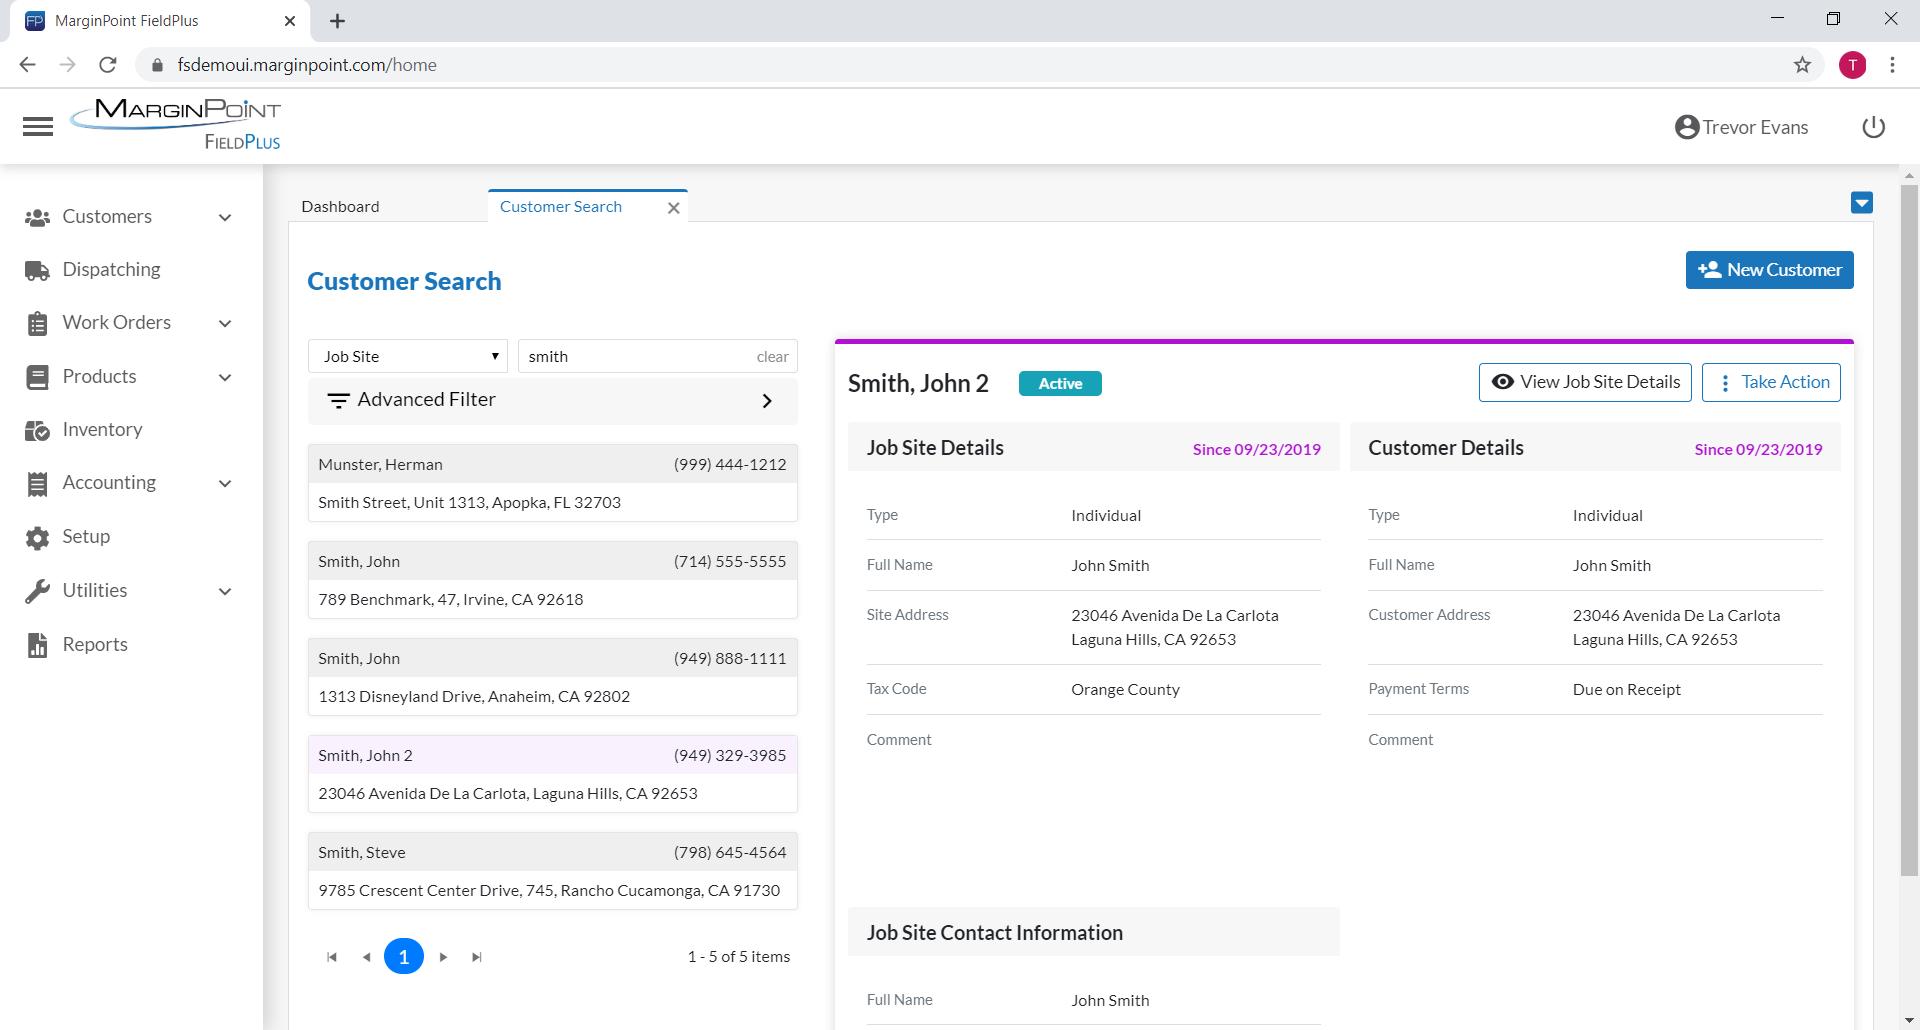 FieldPlus screenshot: Customer Search & Management